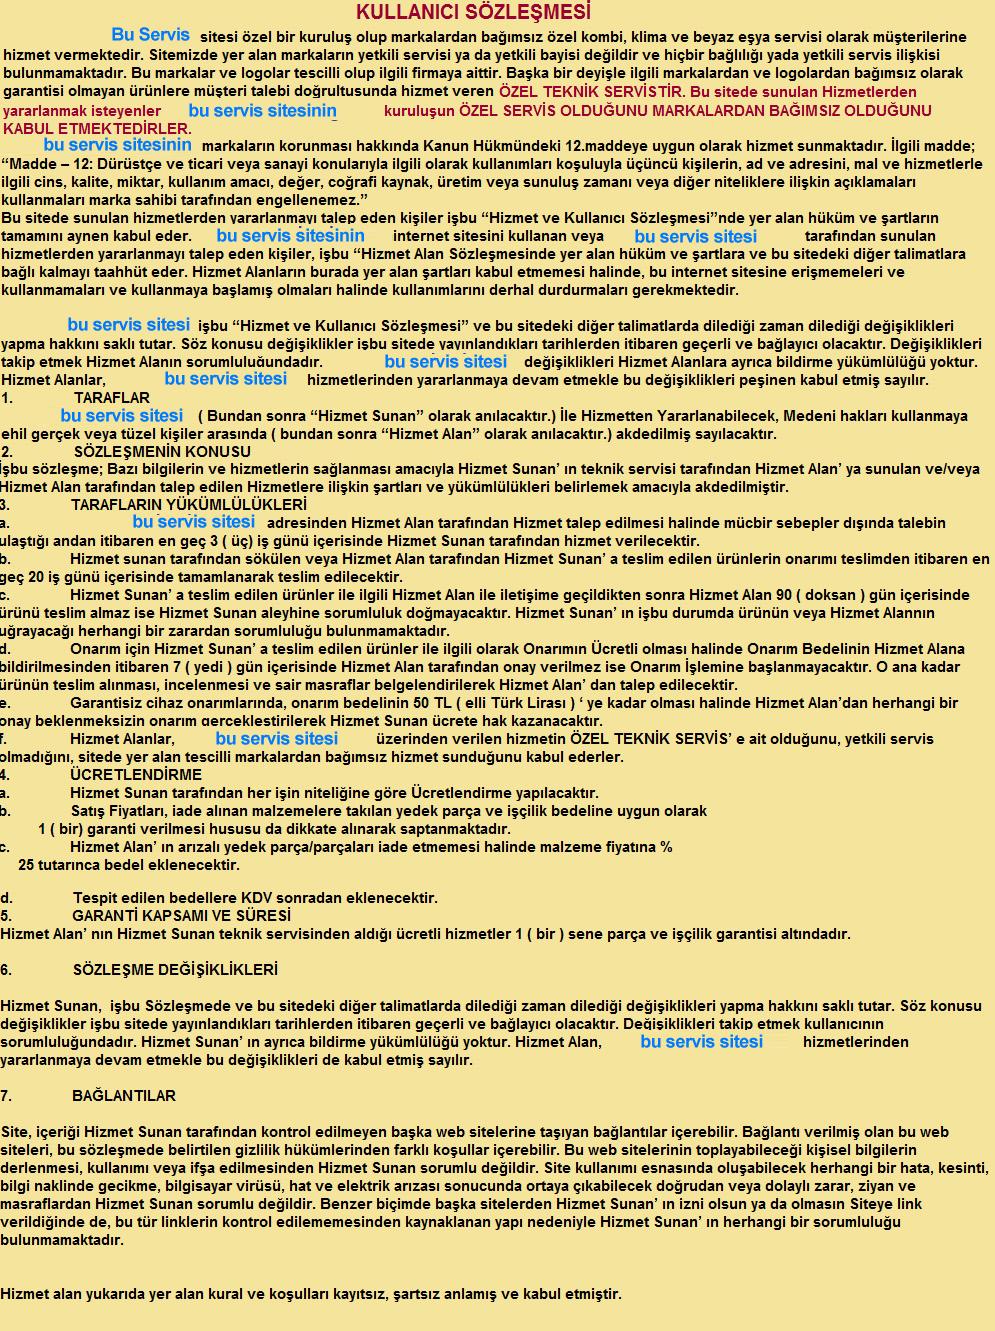 Bosch Teknik Servis Kullanıcı Sözleşmesi